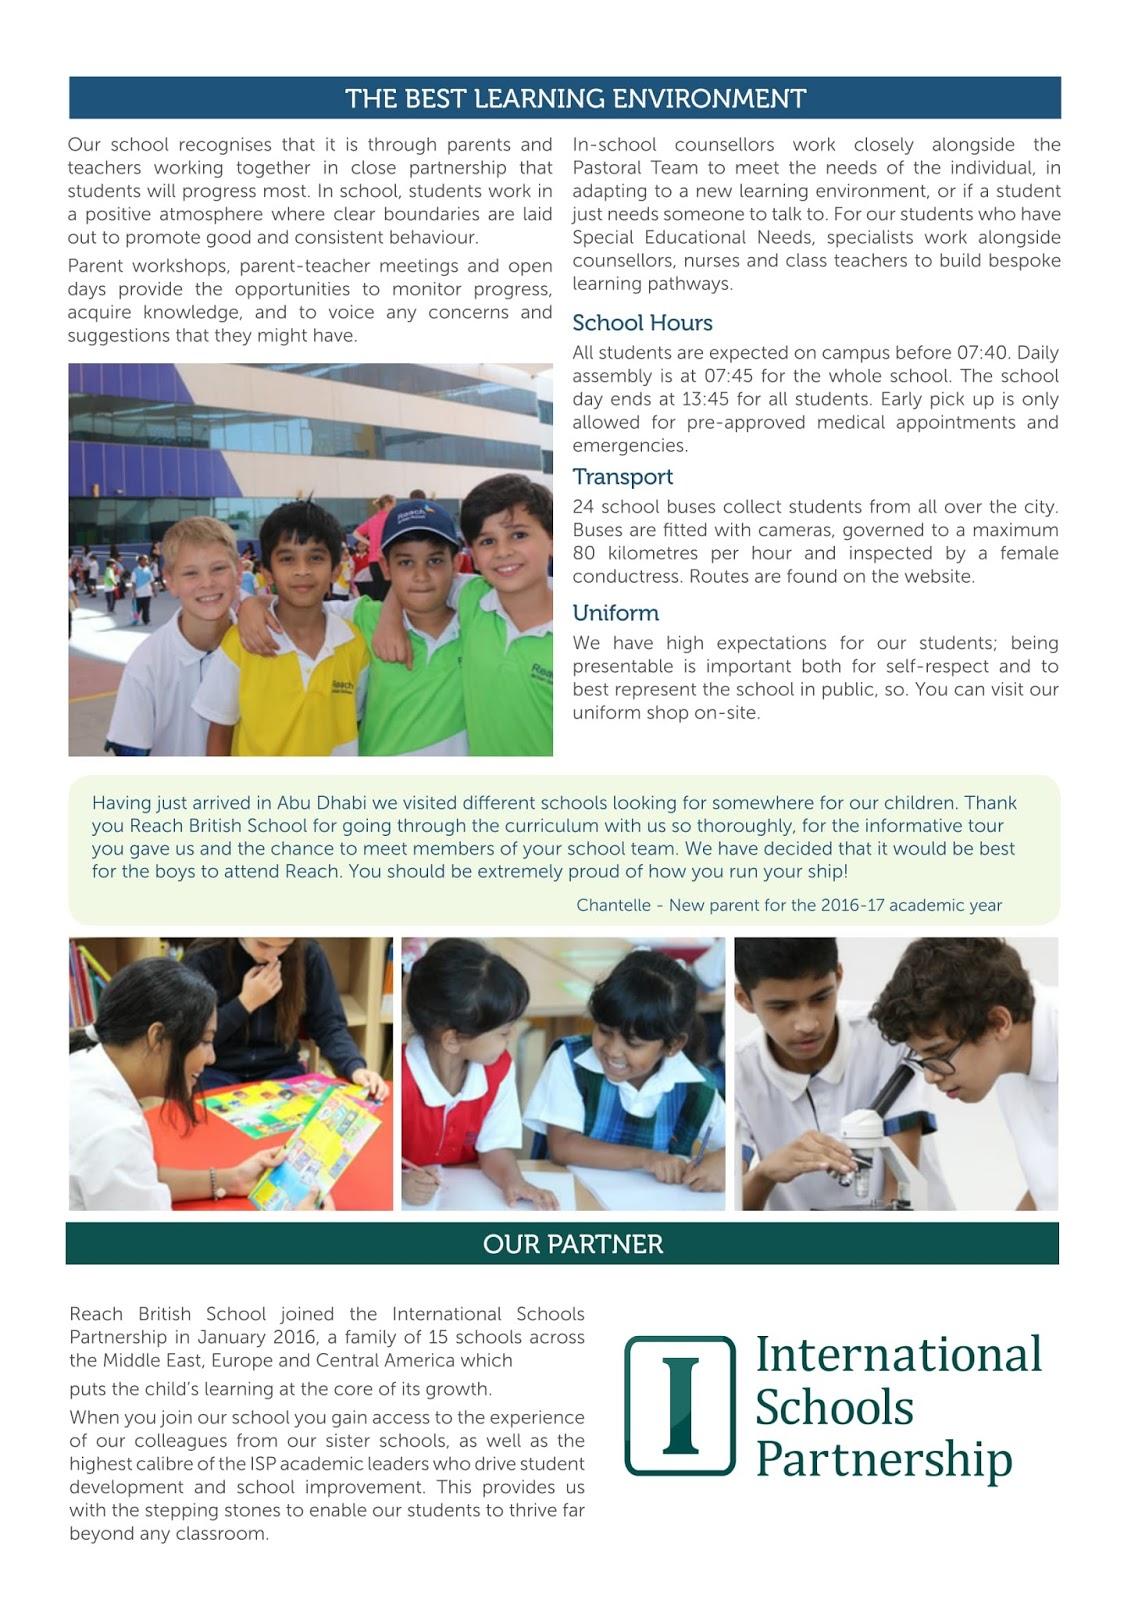 9 Contoh Brosur Sekolah Dalam Bahasa Inggris - Ketik Surat